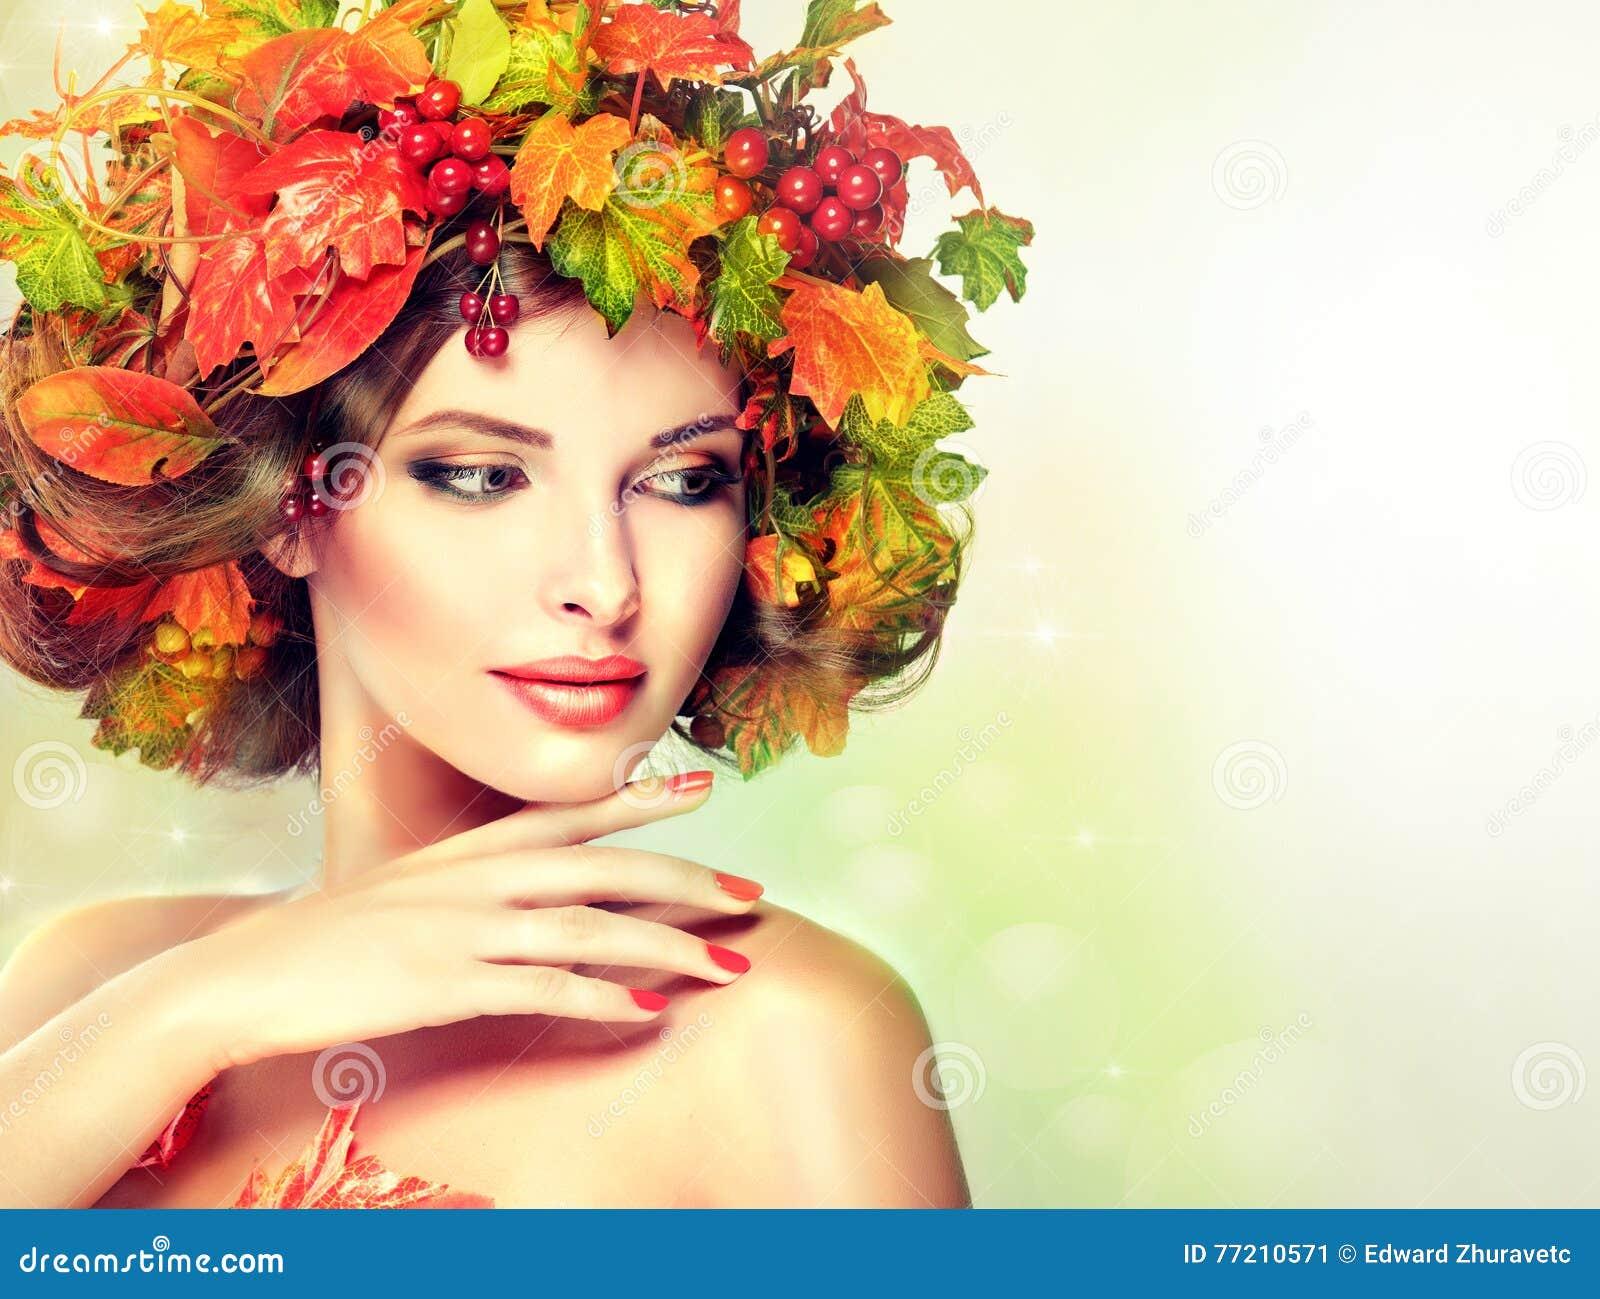 Stile di autunno, trucco luminoso, manicure rosso e rossetto